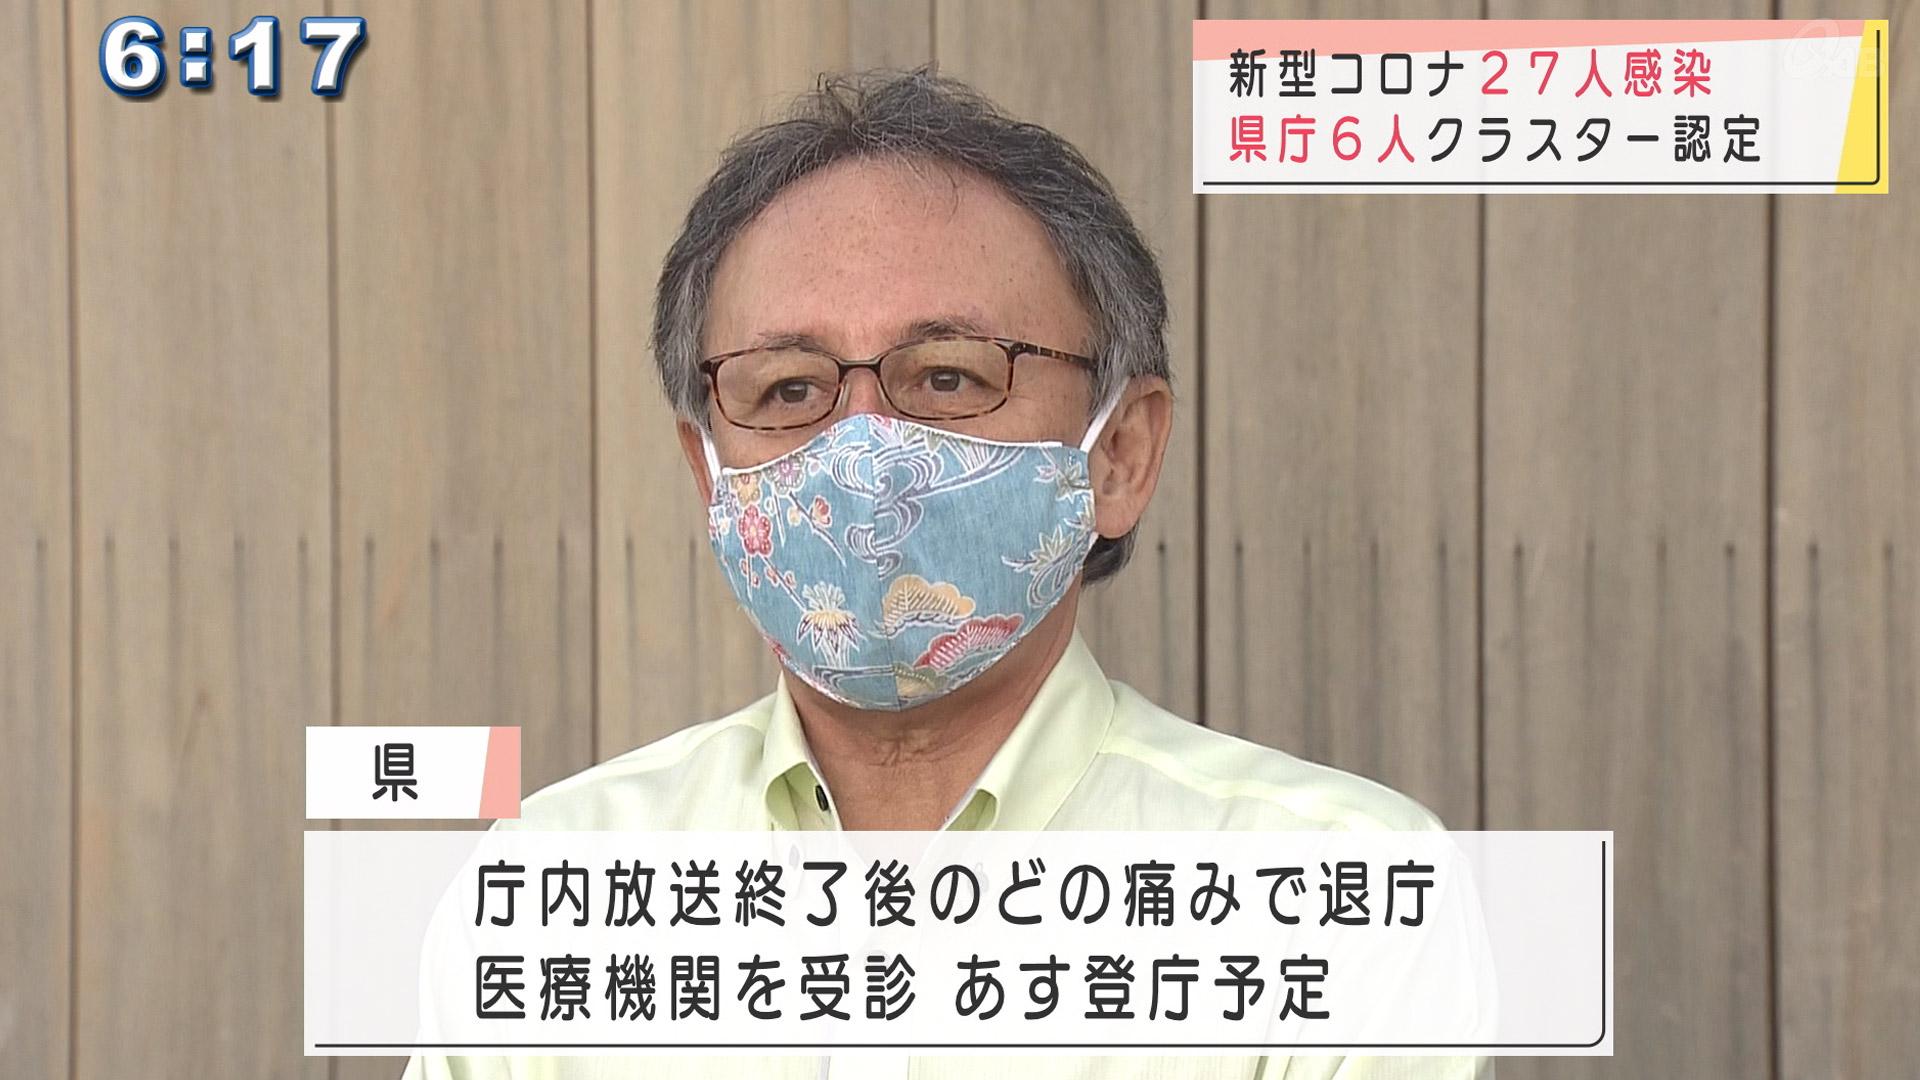 新規感染者27人 県庁でクラスター発生